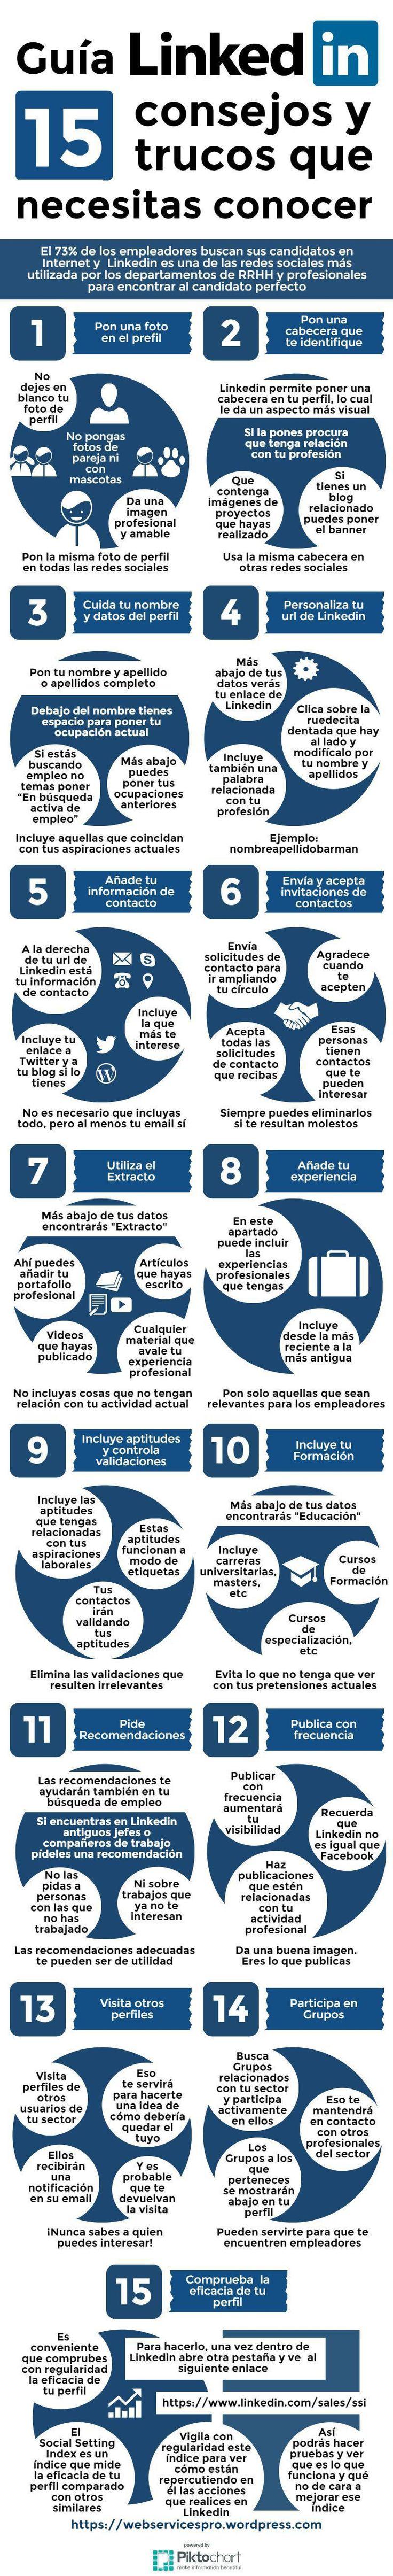 Guía Linkedin: 15 Consejos y trucos que necesitas conocer #Infografía